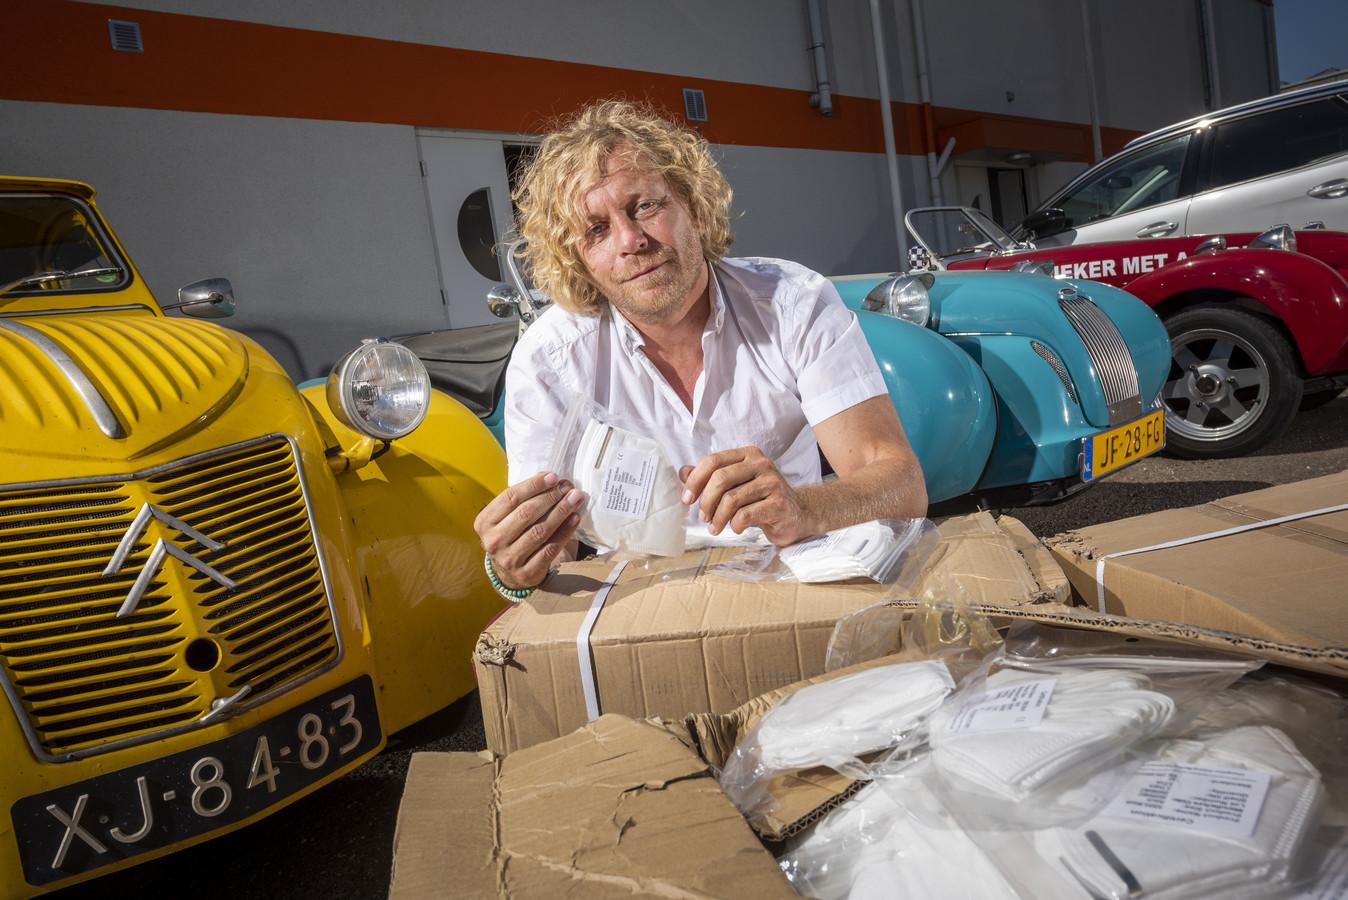 Iwan Göbel voor een paar Burtons, sportwagens op het onderstel van een lelijke Eend. Voor hem dozen vol mondkapjes, die hij het afgelopen jaar naar Nederland haalde via contacten die hij opdeed met zijn sportautofabriek in Zutphen.